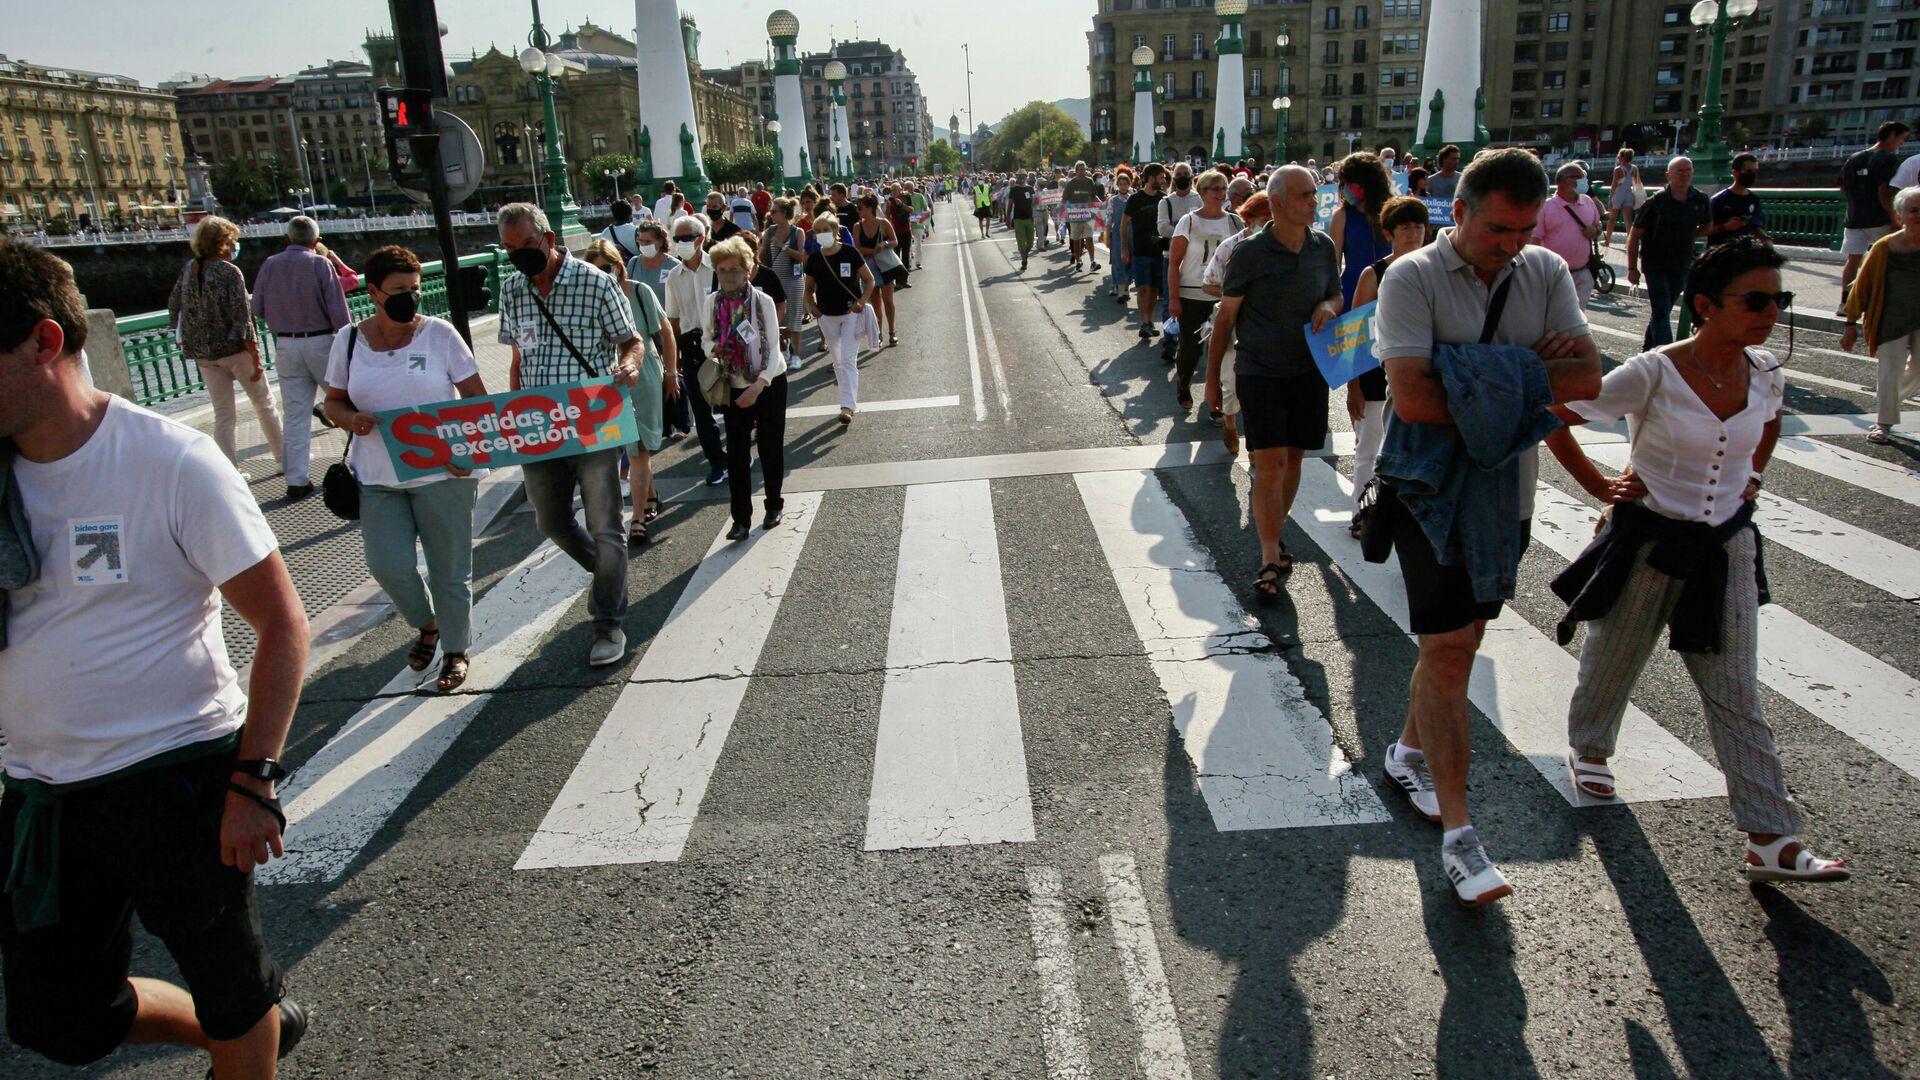 Ciudadanos en una manifestación a favor del acercamiento de los reclusos de ETA, a 21 de agosto de 2021, en San Sebastián, Euskadi (España).  - Sputnik Mundo, 1920, 03.09.2021